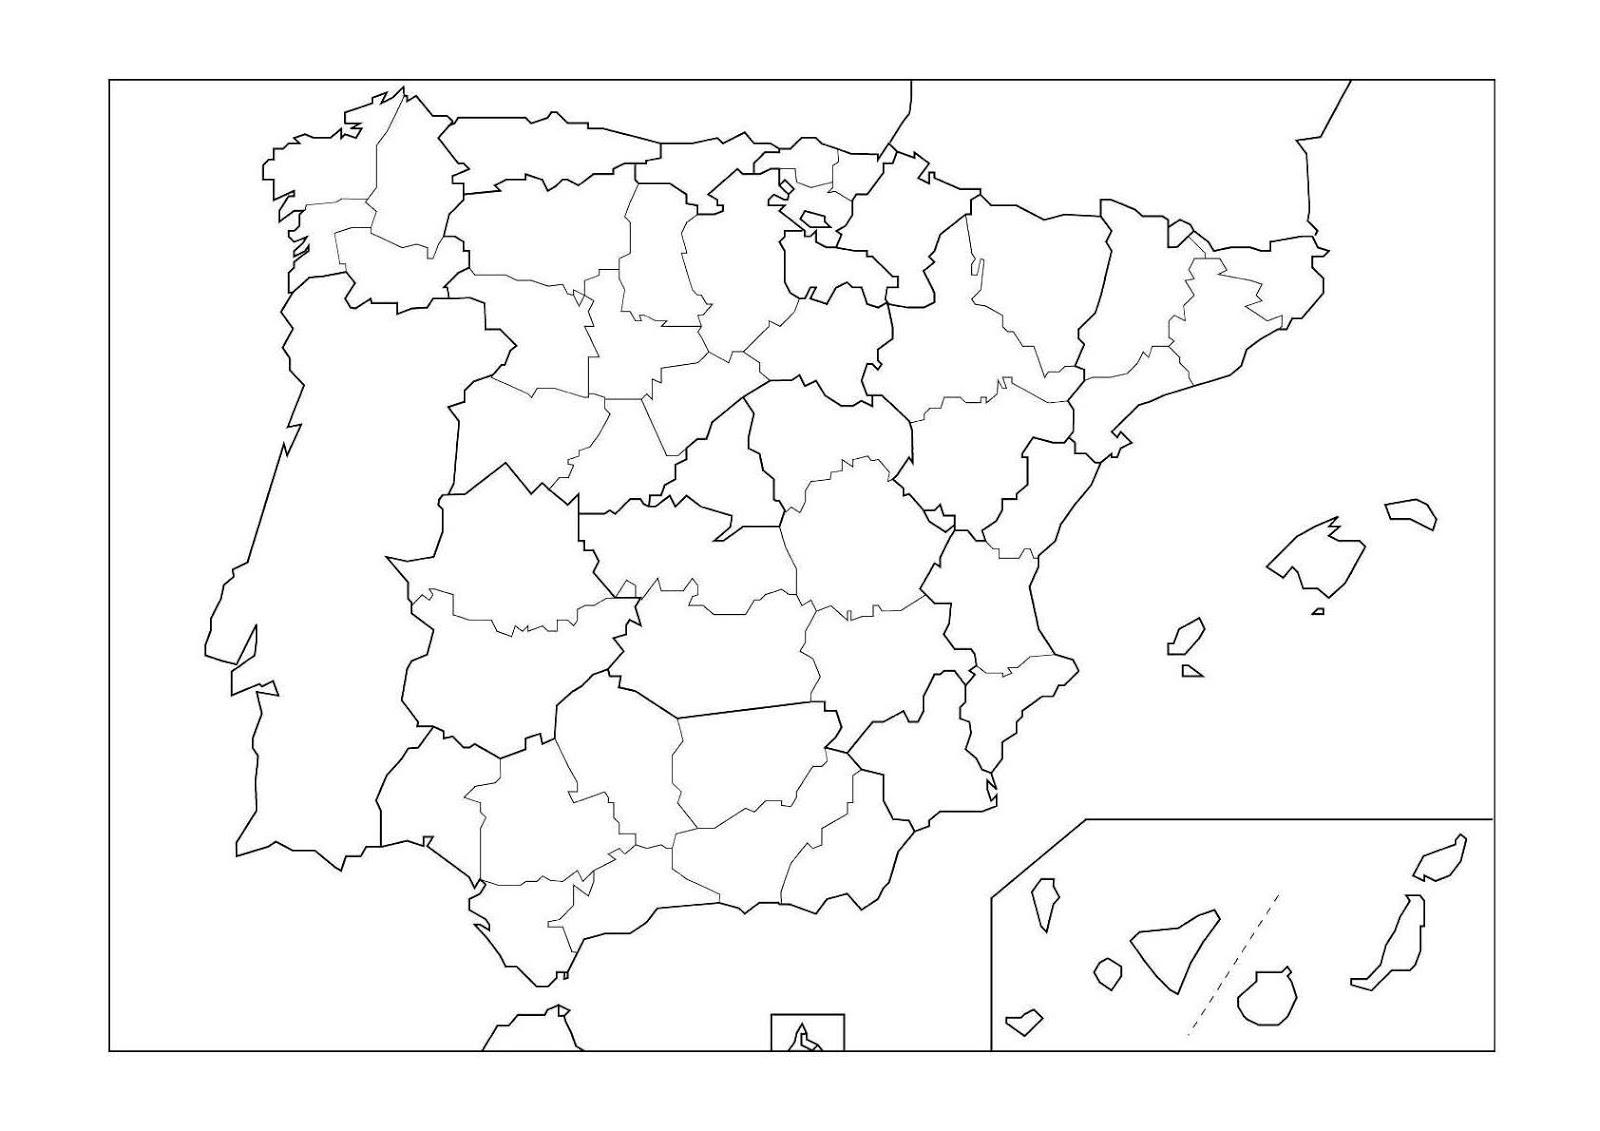 Mapa Mudo Provincias España.Mapa Mudo Provincias De Espana